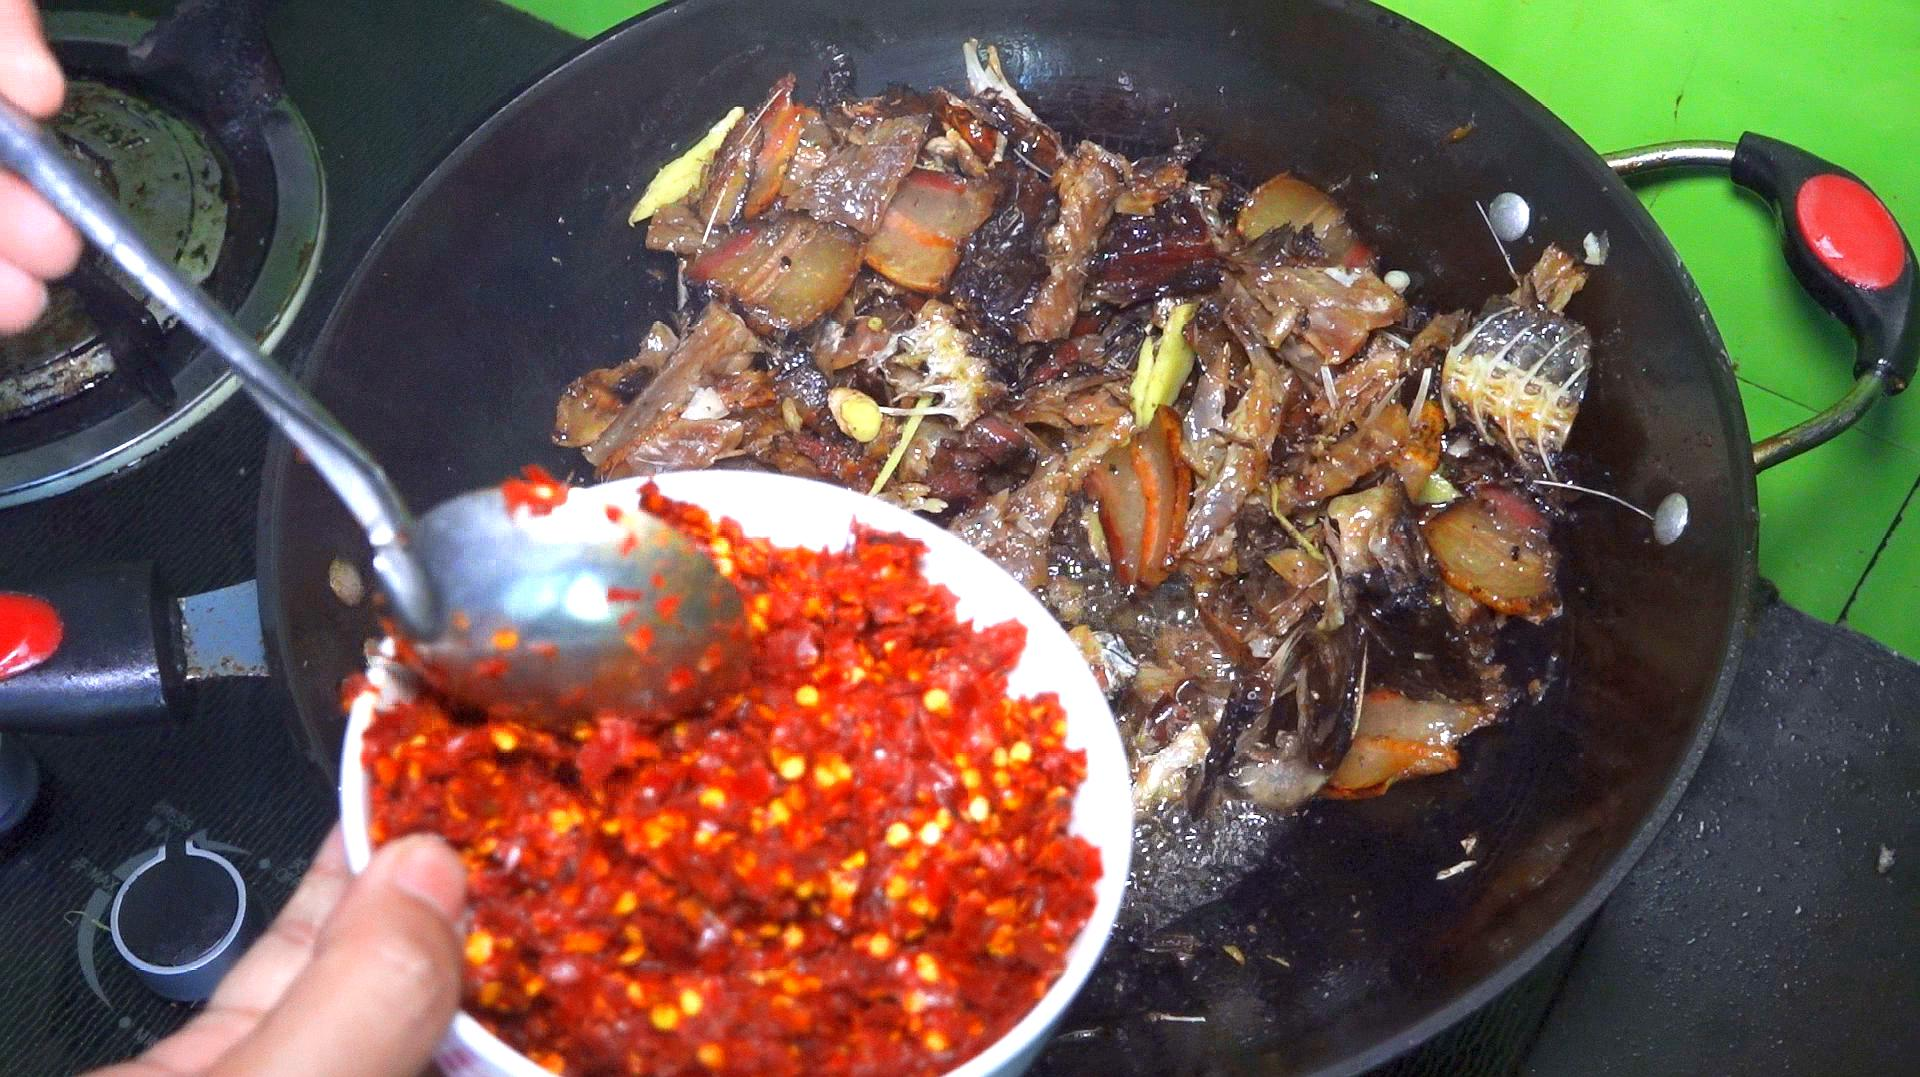 这是年前剩下的腊鱼,配上自家的辣椒面,这样炒的腊鱼最下饭